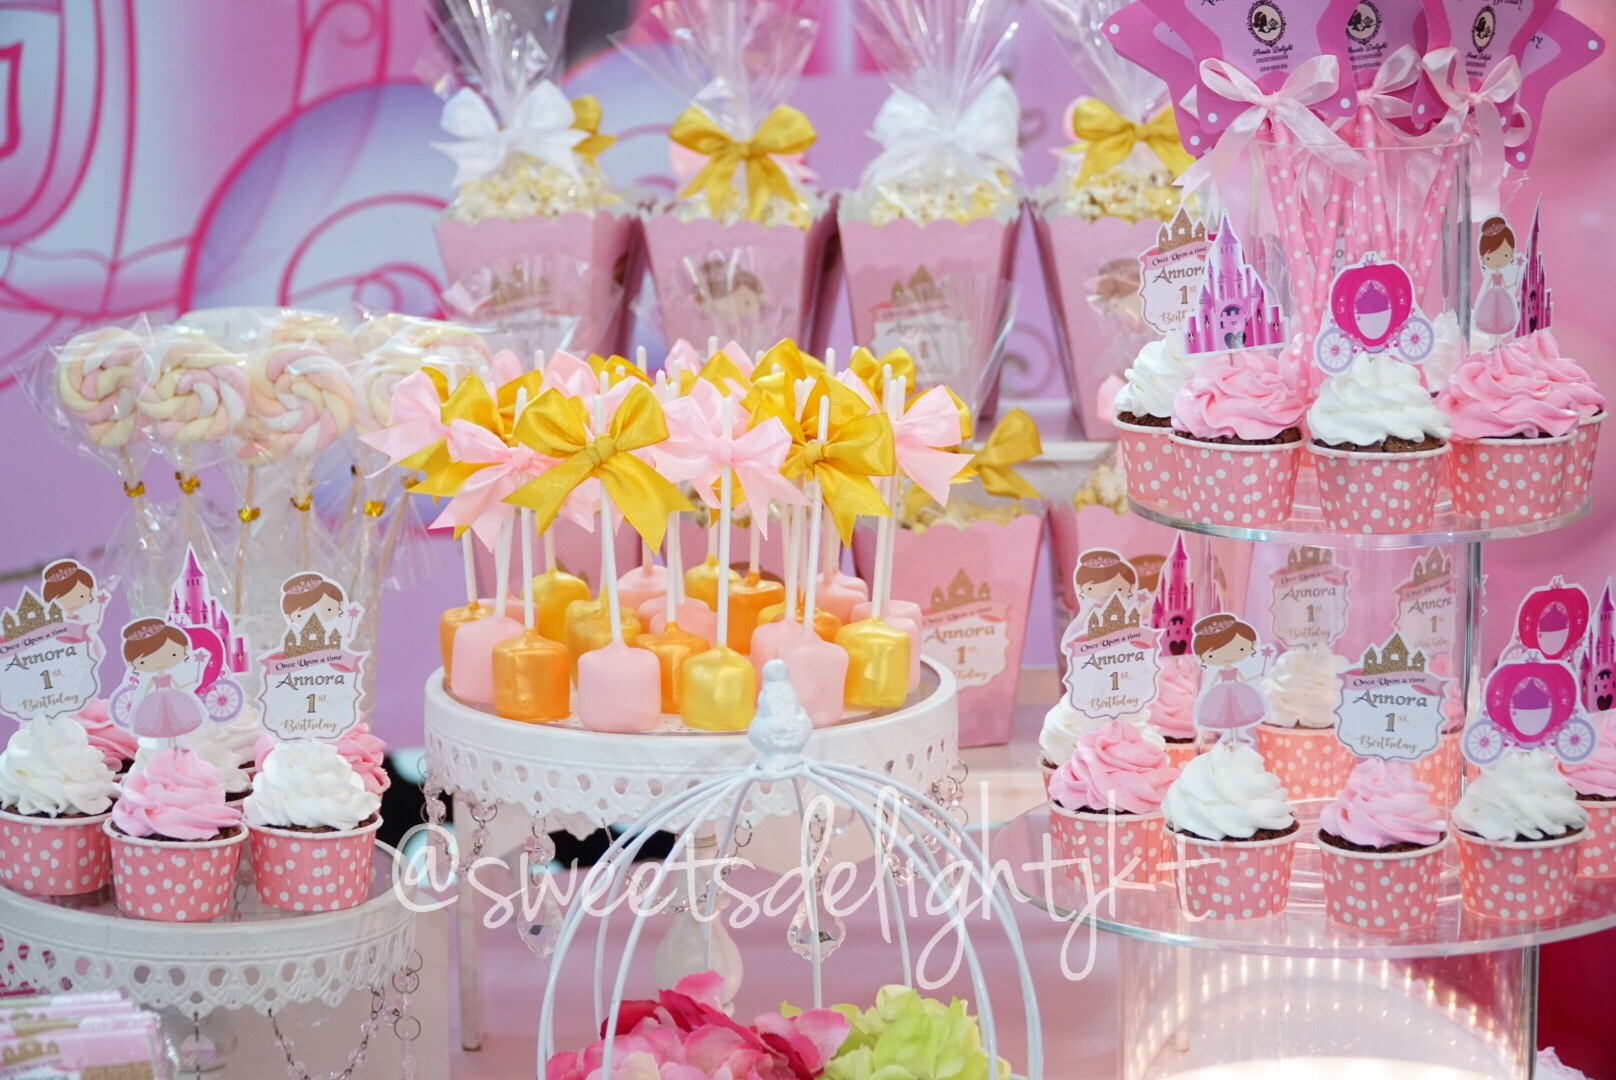 Dekorasi Pesta Ulang Tahun Sweets Delight